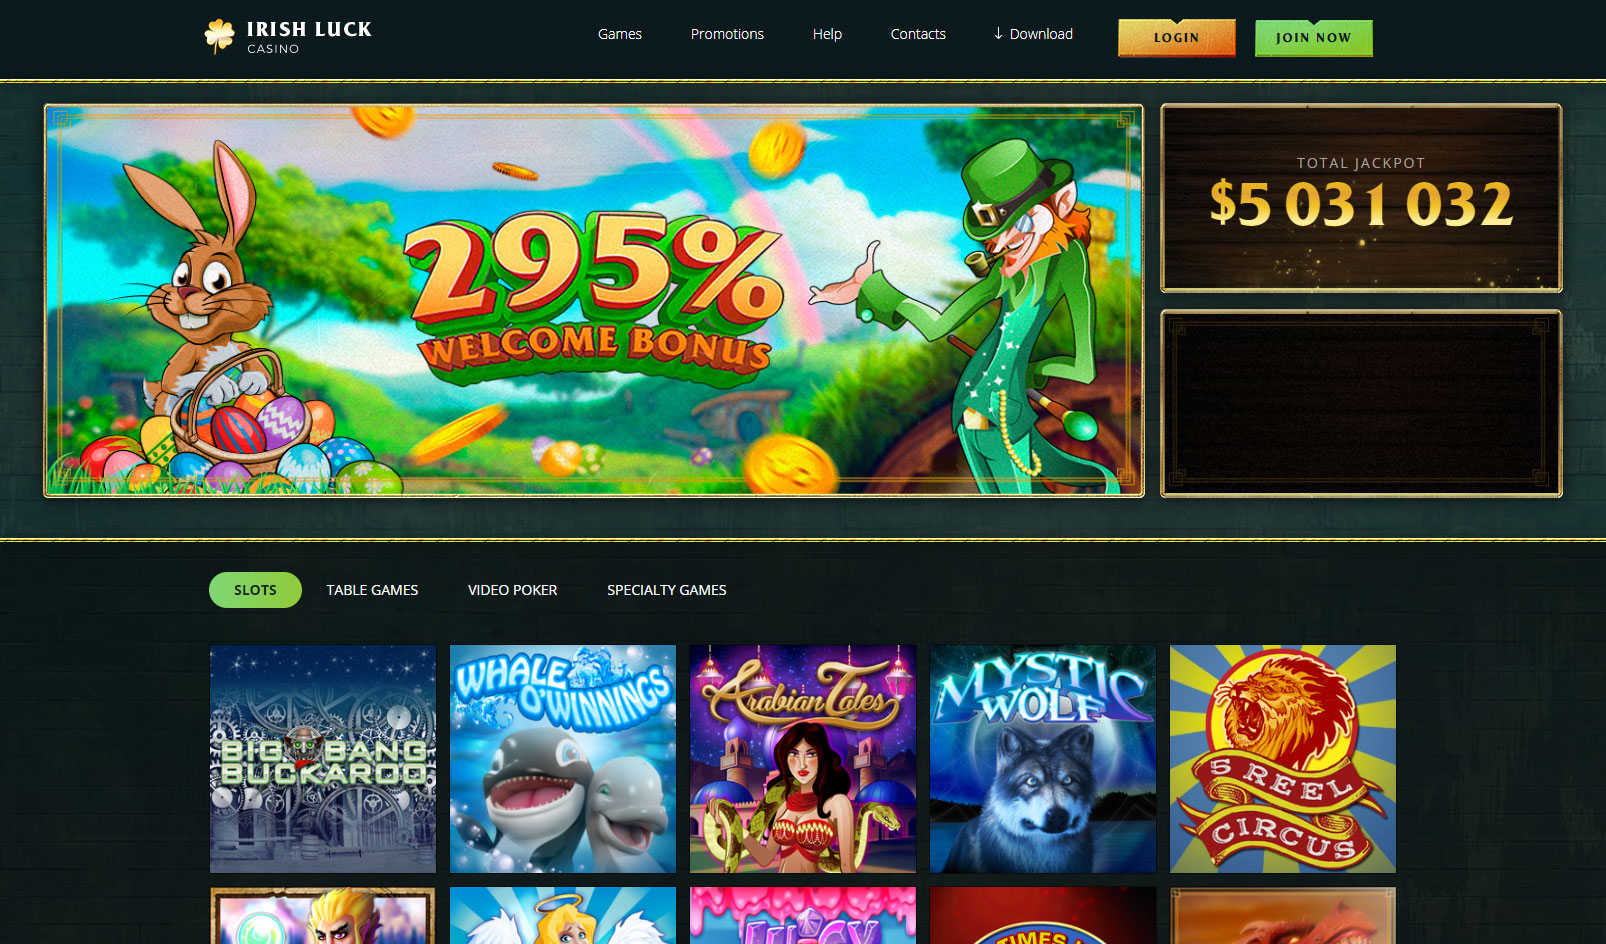 screenshot-irish-luck-casino-1